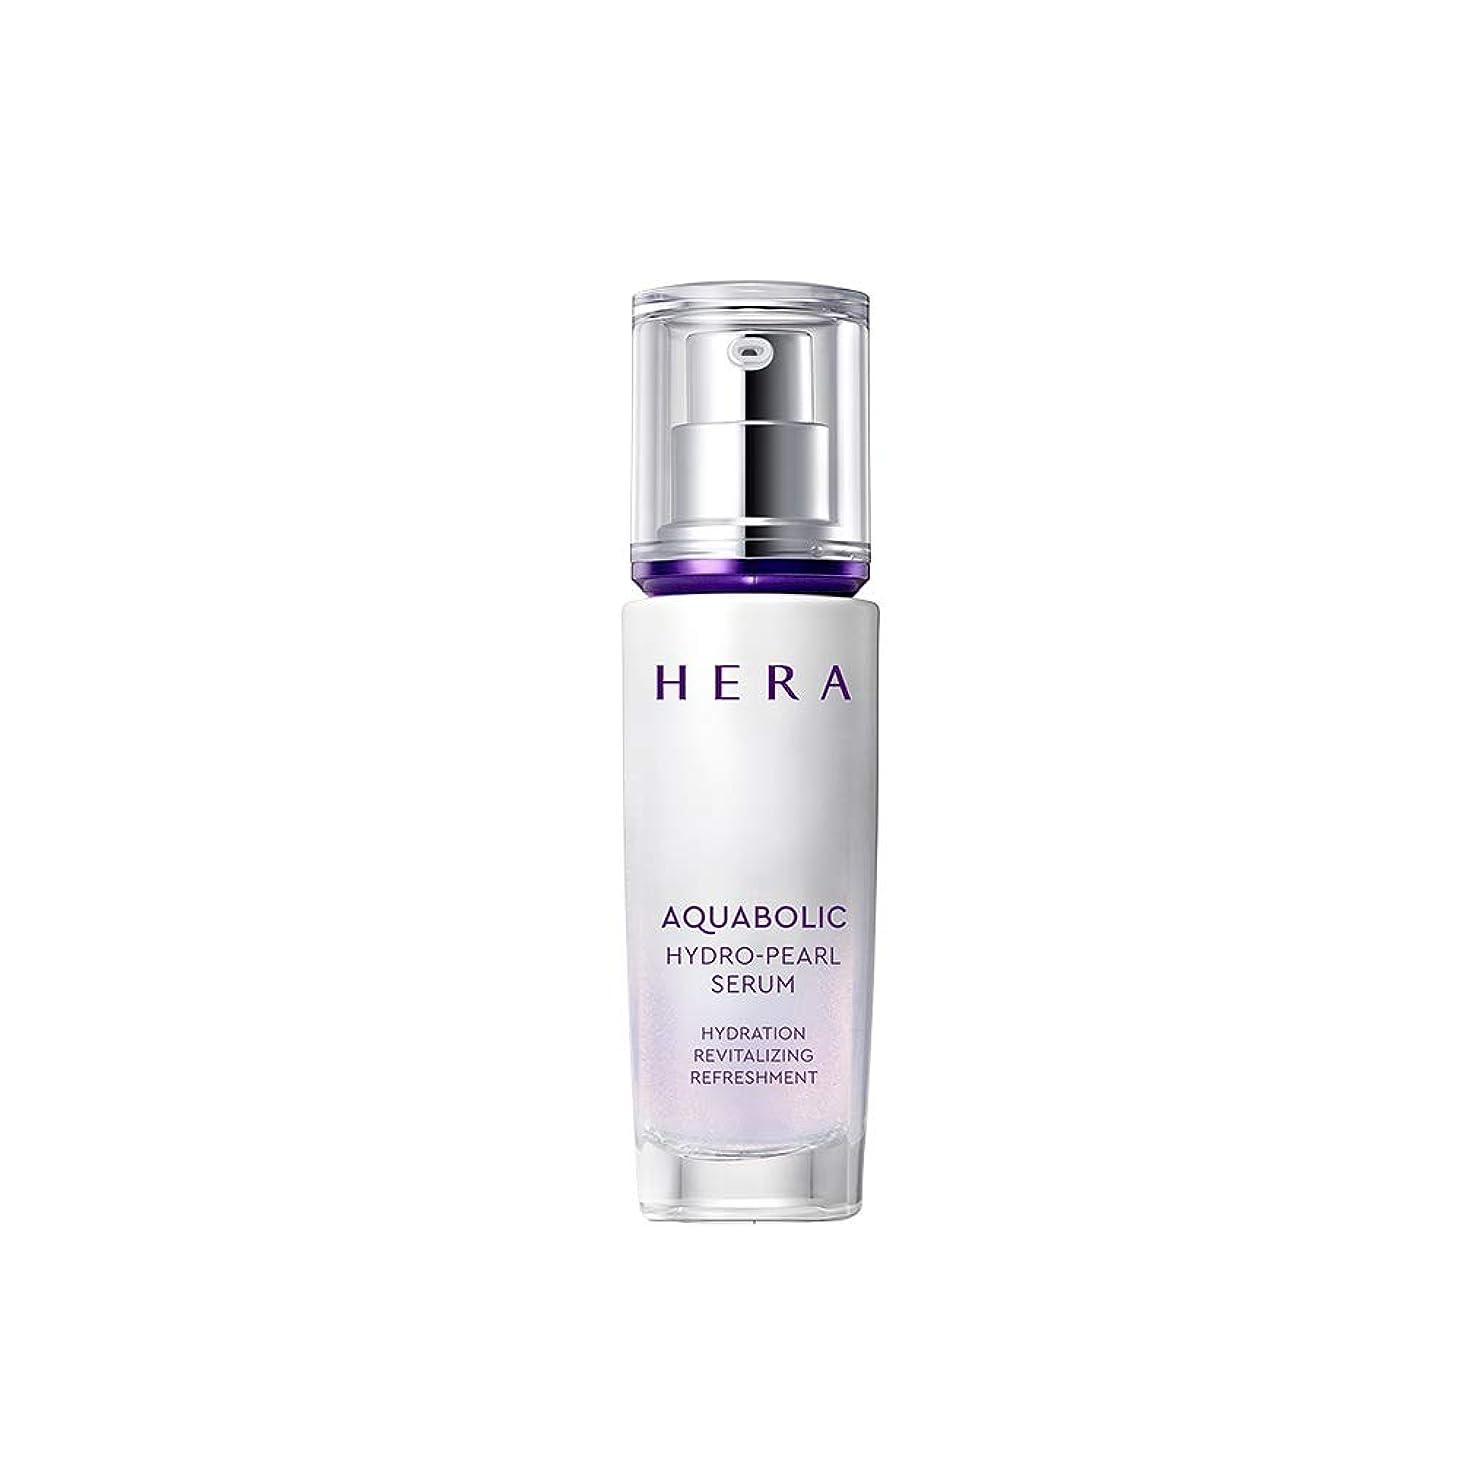 騒一然とした【HERA公式】ヘラ アクアボリック ハイドロ-パール セラム 40mL/HERA Aquabolic Hydro-Pearl Serum 40ml